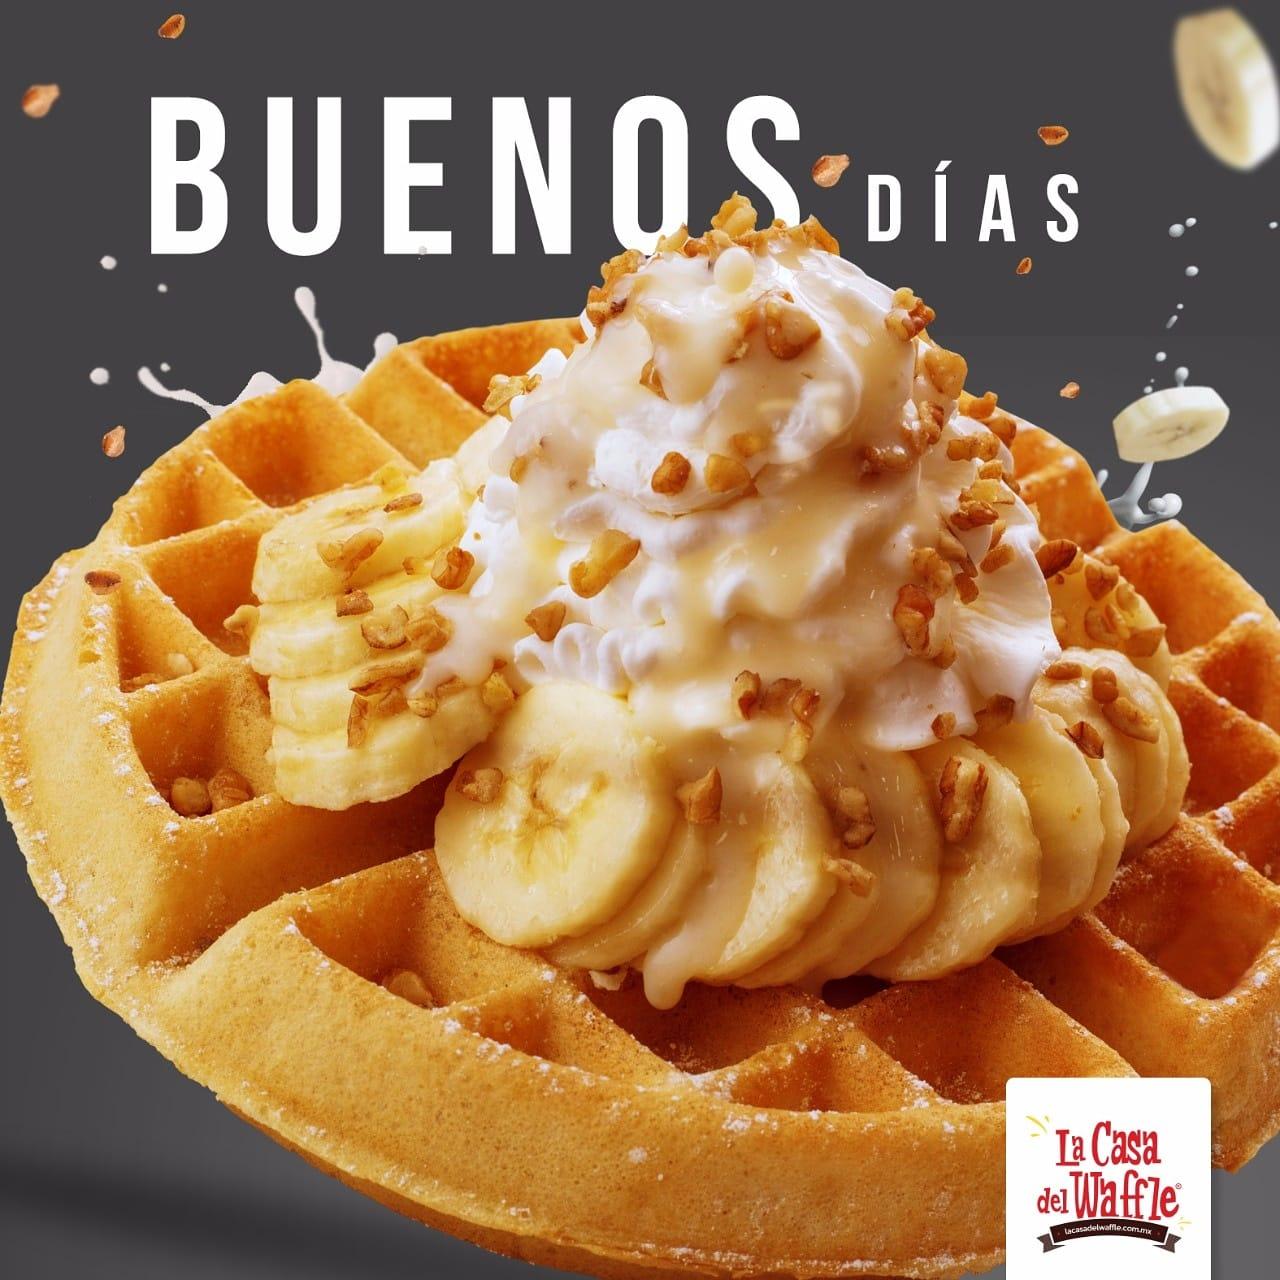 La Casa del Waffle, Vallarta Lifestyles, Puerto Vallarta, Fluvial Vallarta, Facebook